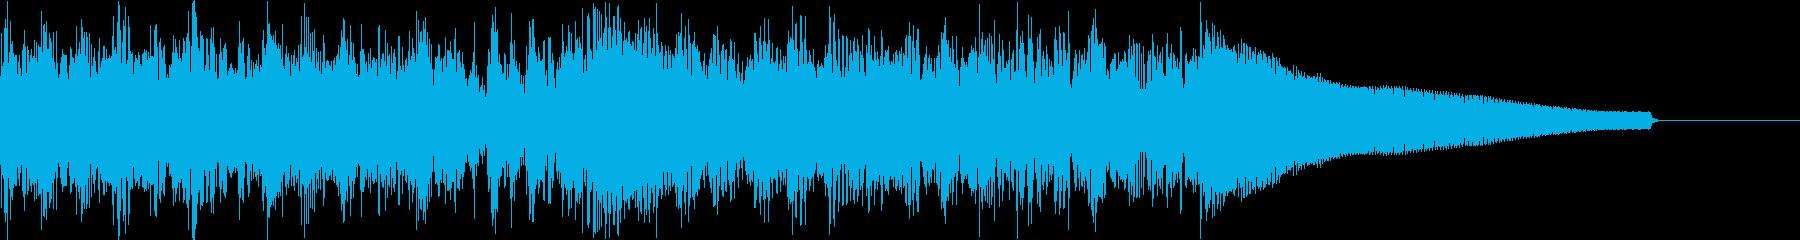 カントリー風ギターイントロ−07Iの再生済みの波形